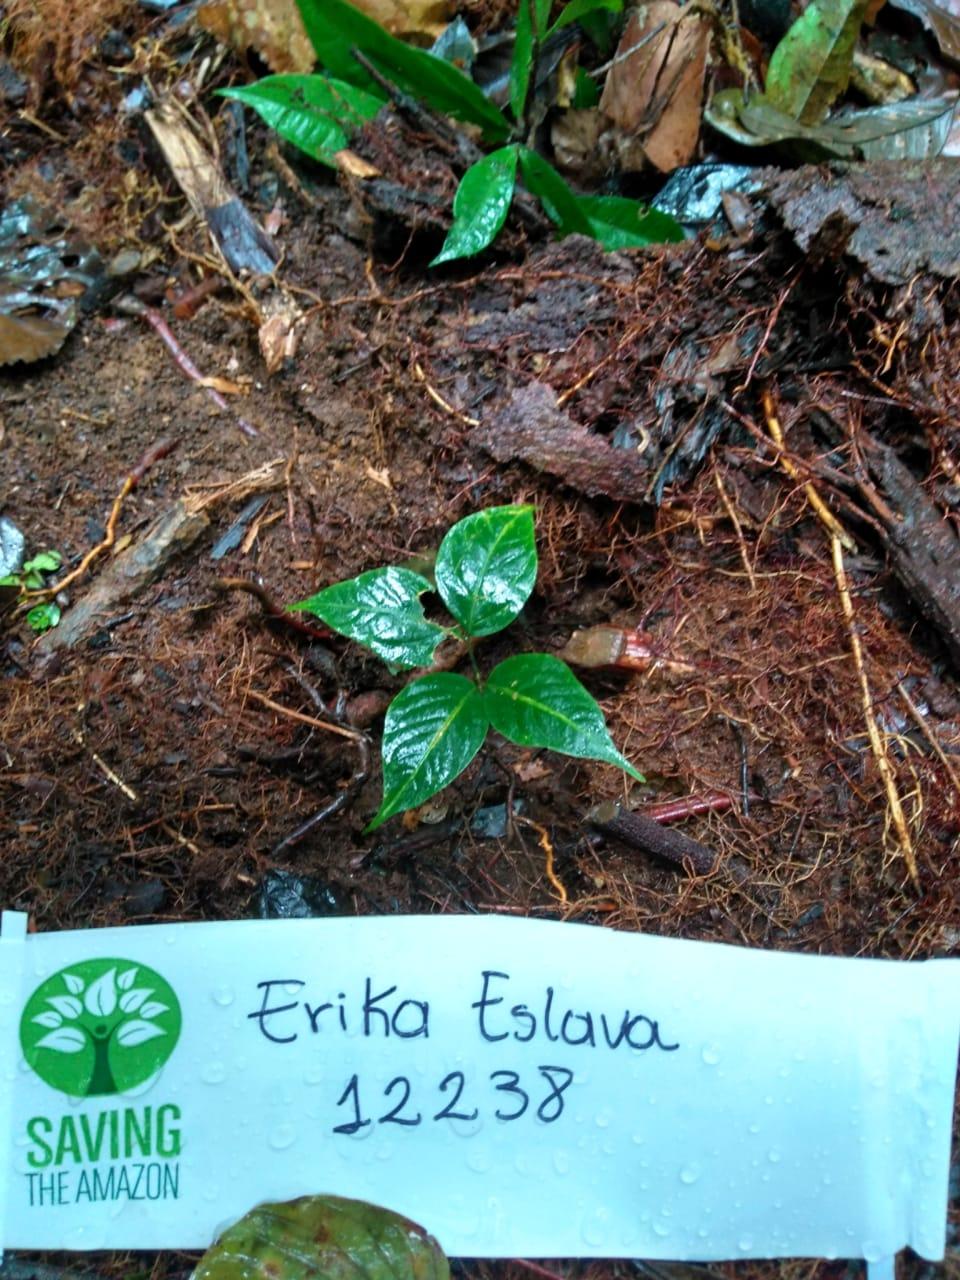 Erika Eslava